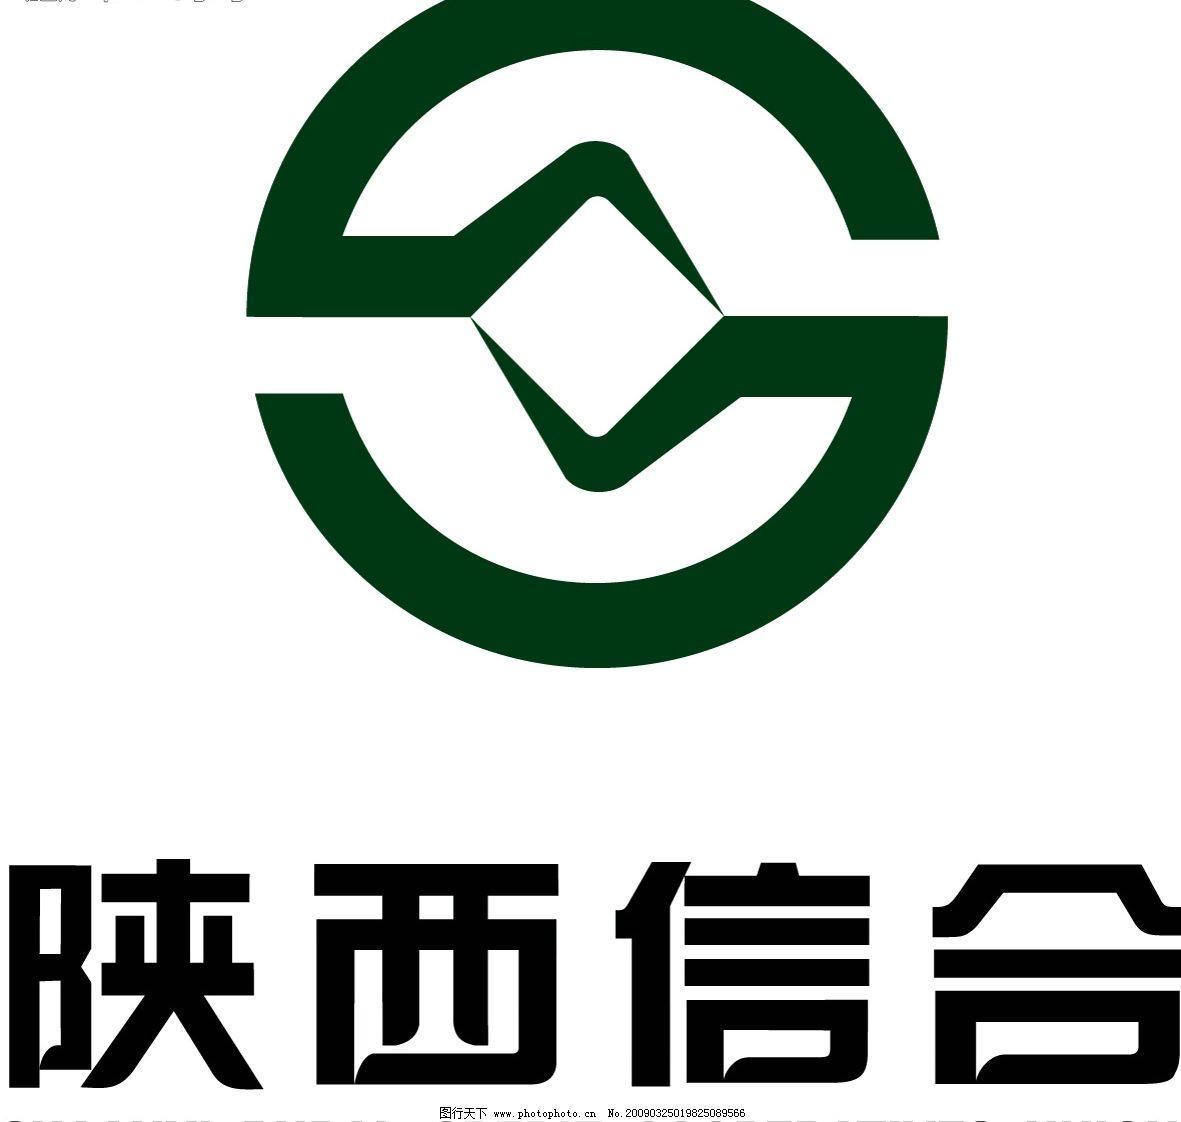 陕西信合标志 标识标志图标 公共标识标志 矢量图库 ai